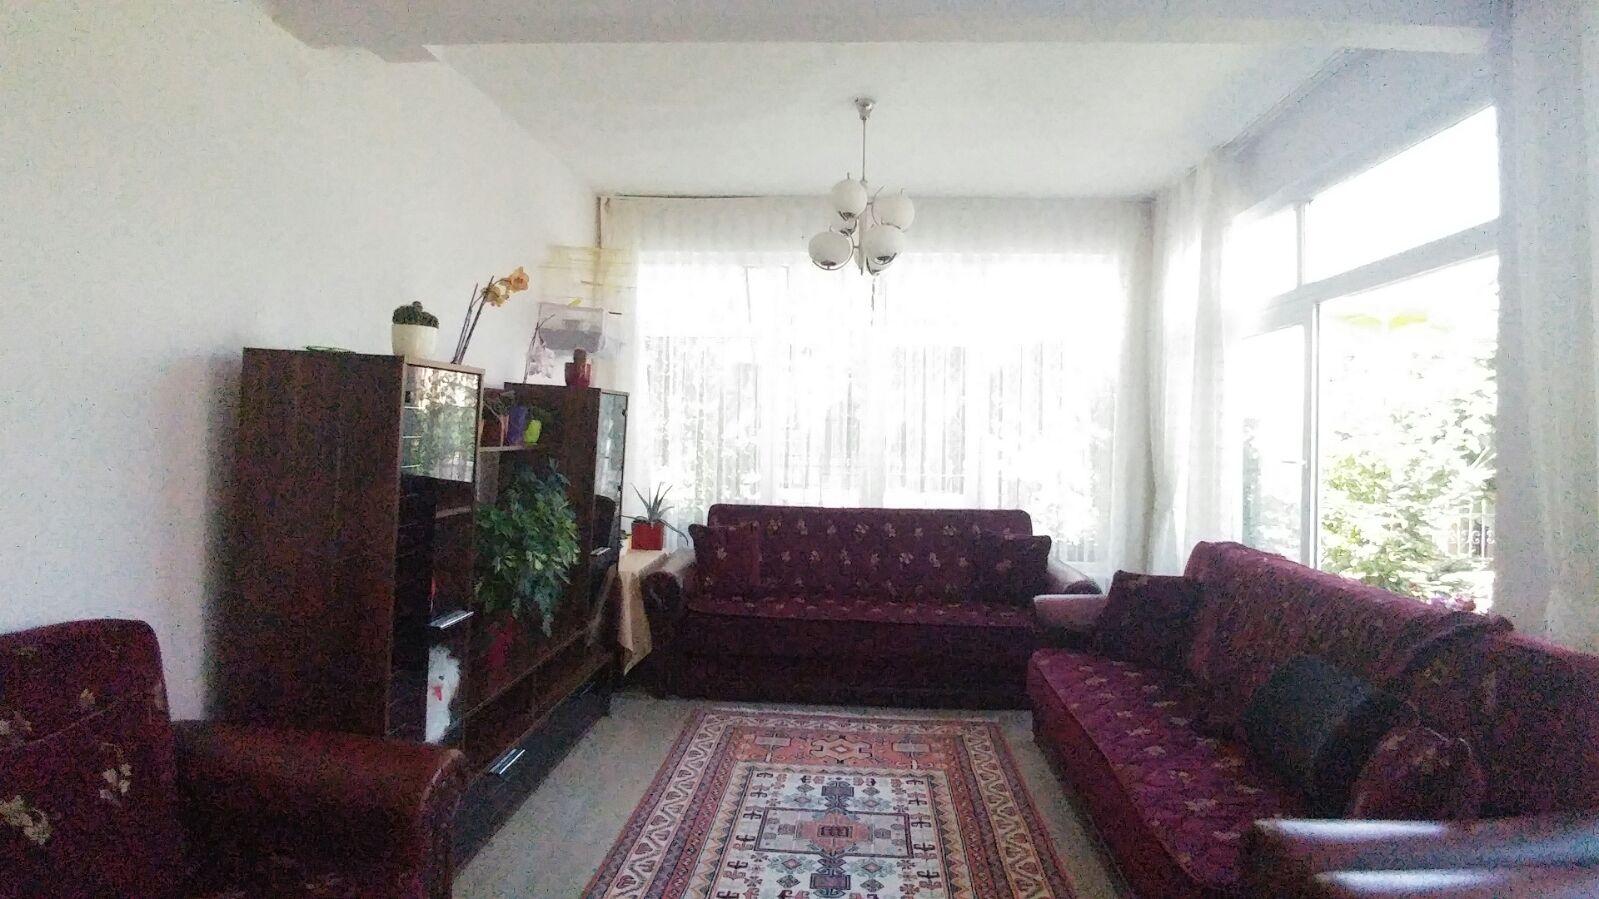 للبيع بيت مستقل في بيوك شيكميجه